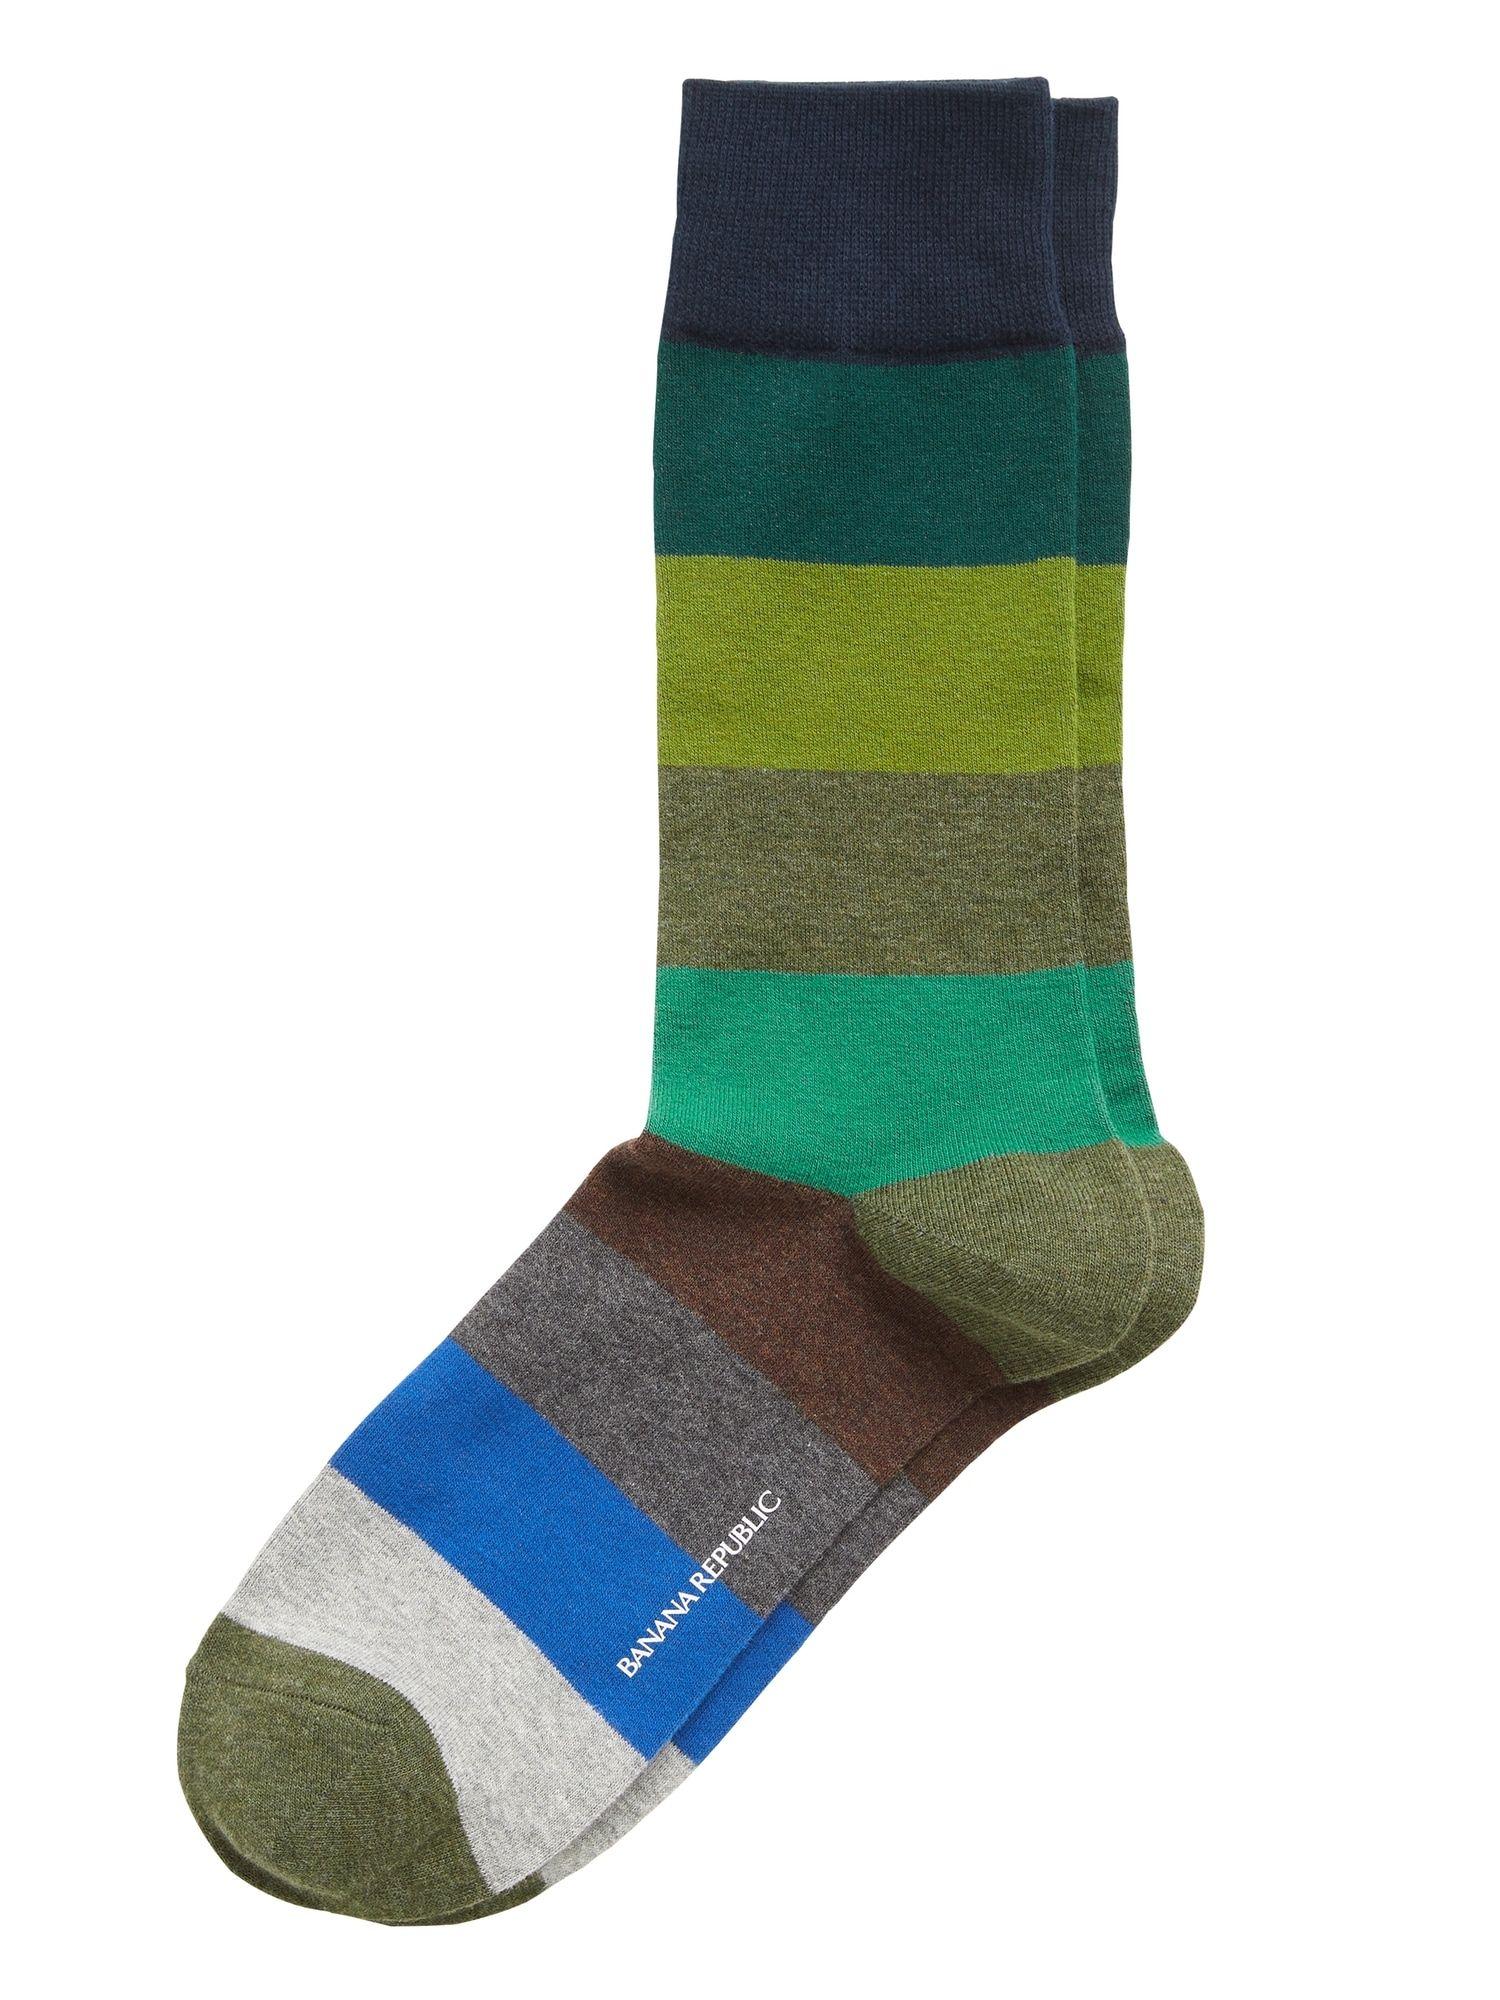 Rugby Stripe Sock Banana Republic In 2020 Mens Patterned Socks Striped Socks Mens Socks